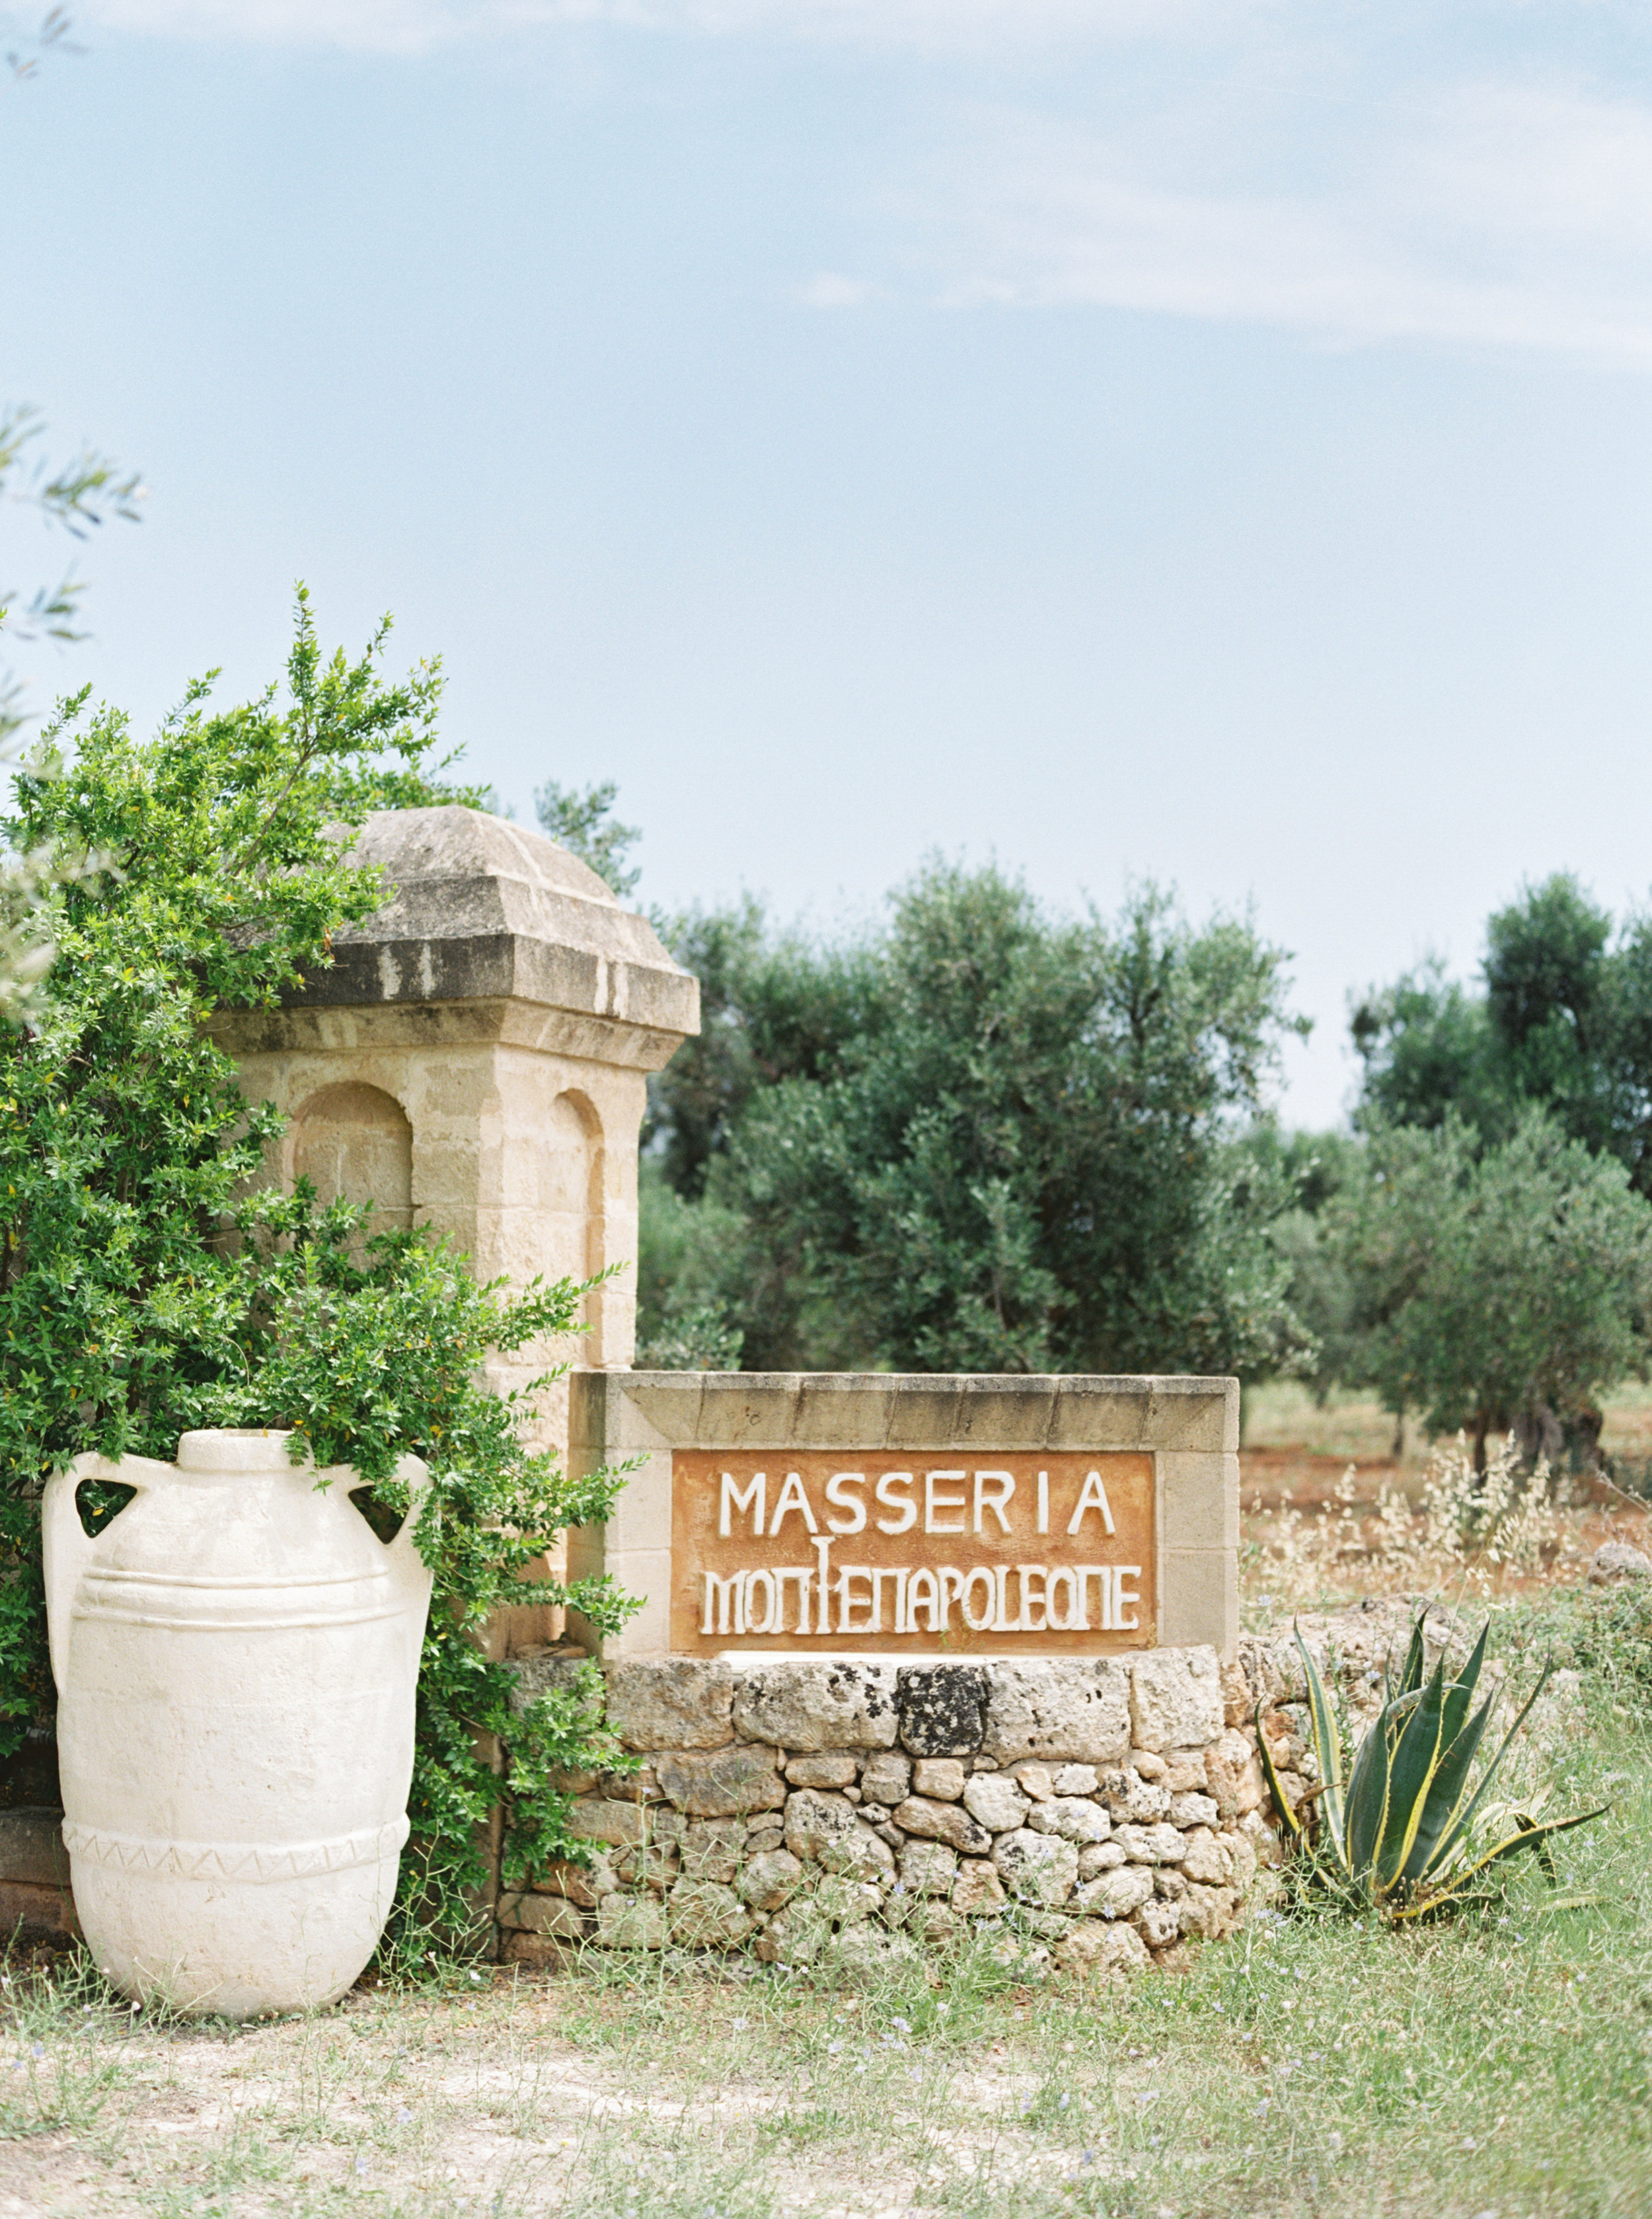 Masseria Montenapoleone destination wedding in Puglia, Italy by Meggie Francisco Events.